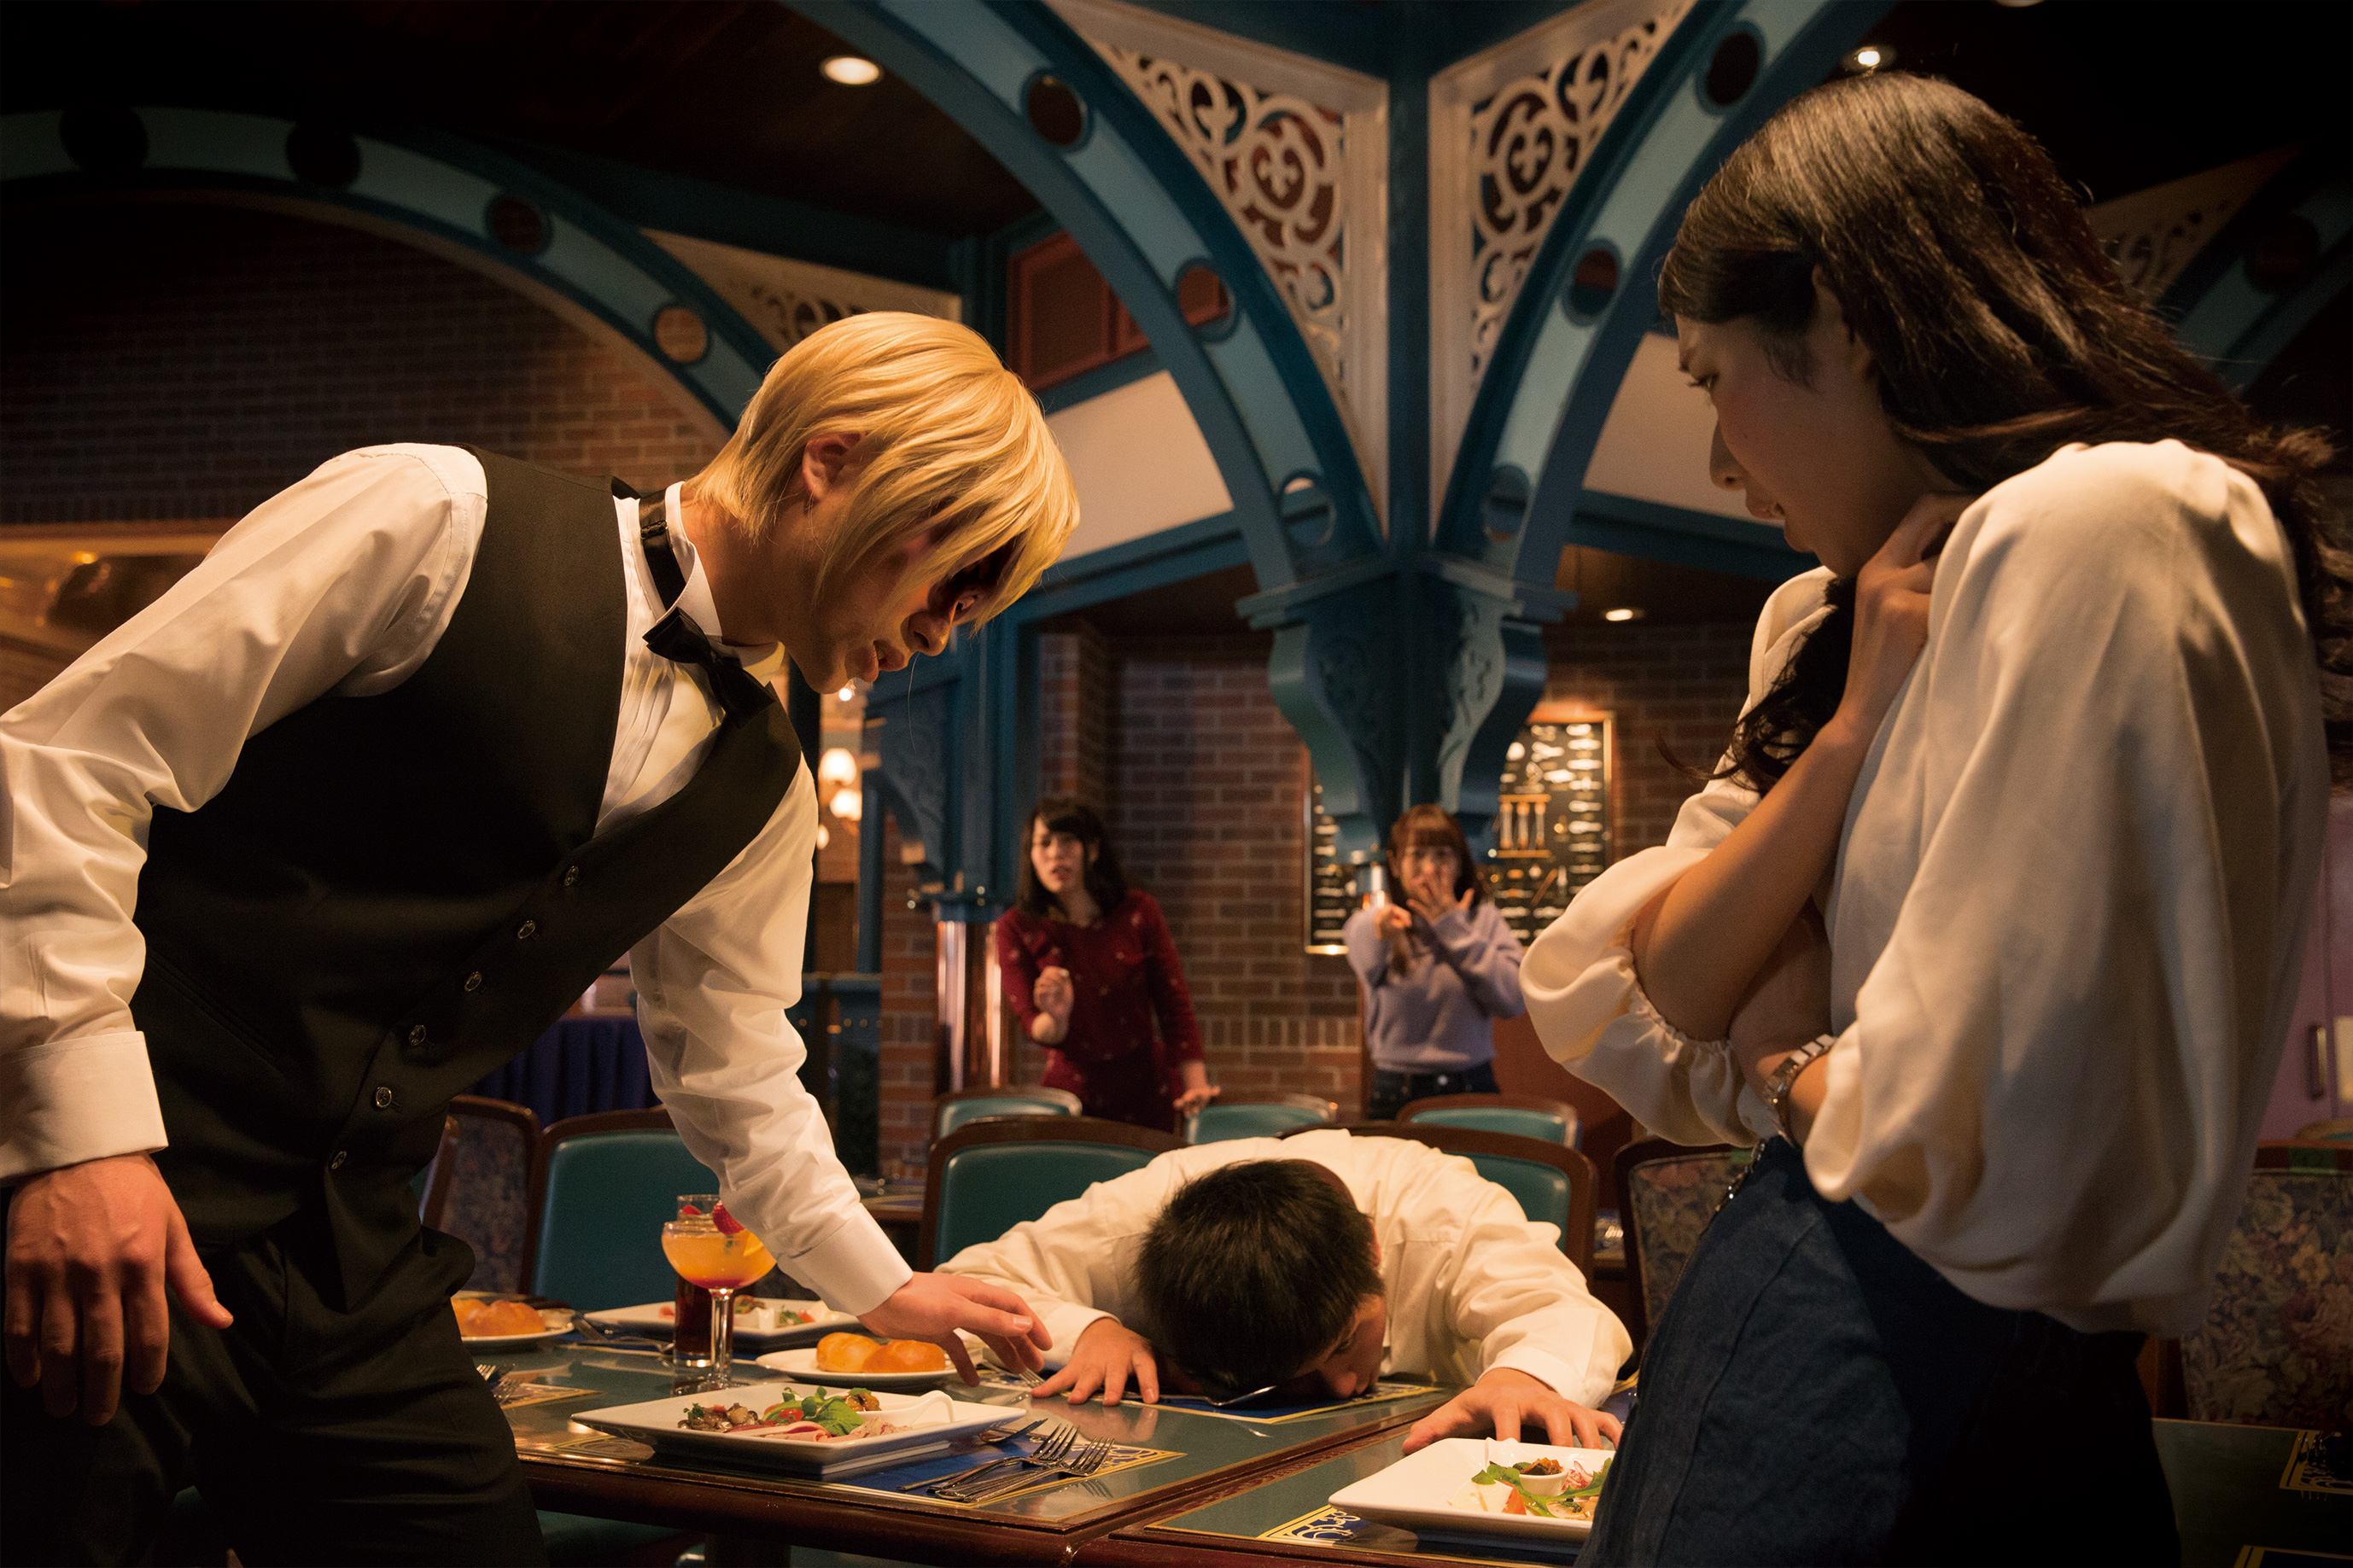 【2018日本環球影城】最新版COOL JAPAN,名偵探柯南,美少女戰士,魔物獵人,太空戰士,必買必玩攻略 @小環妞 幸福足跡